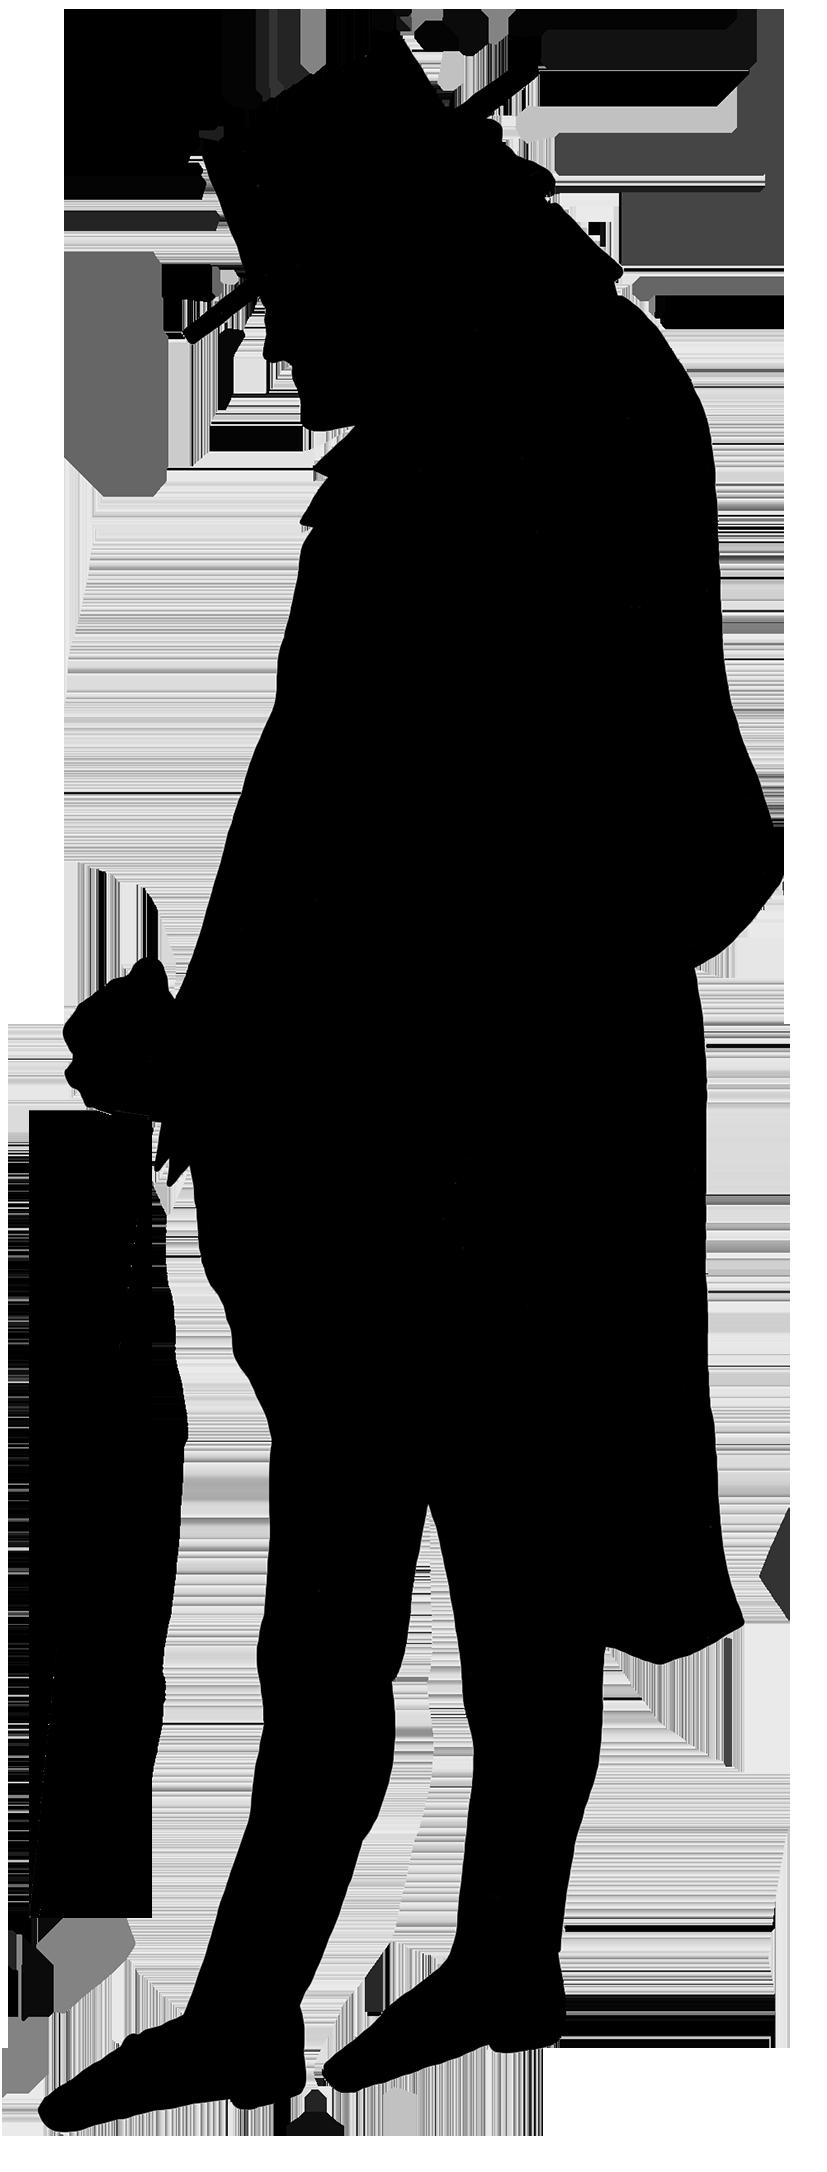 black silhouette Victorian era